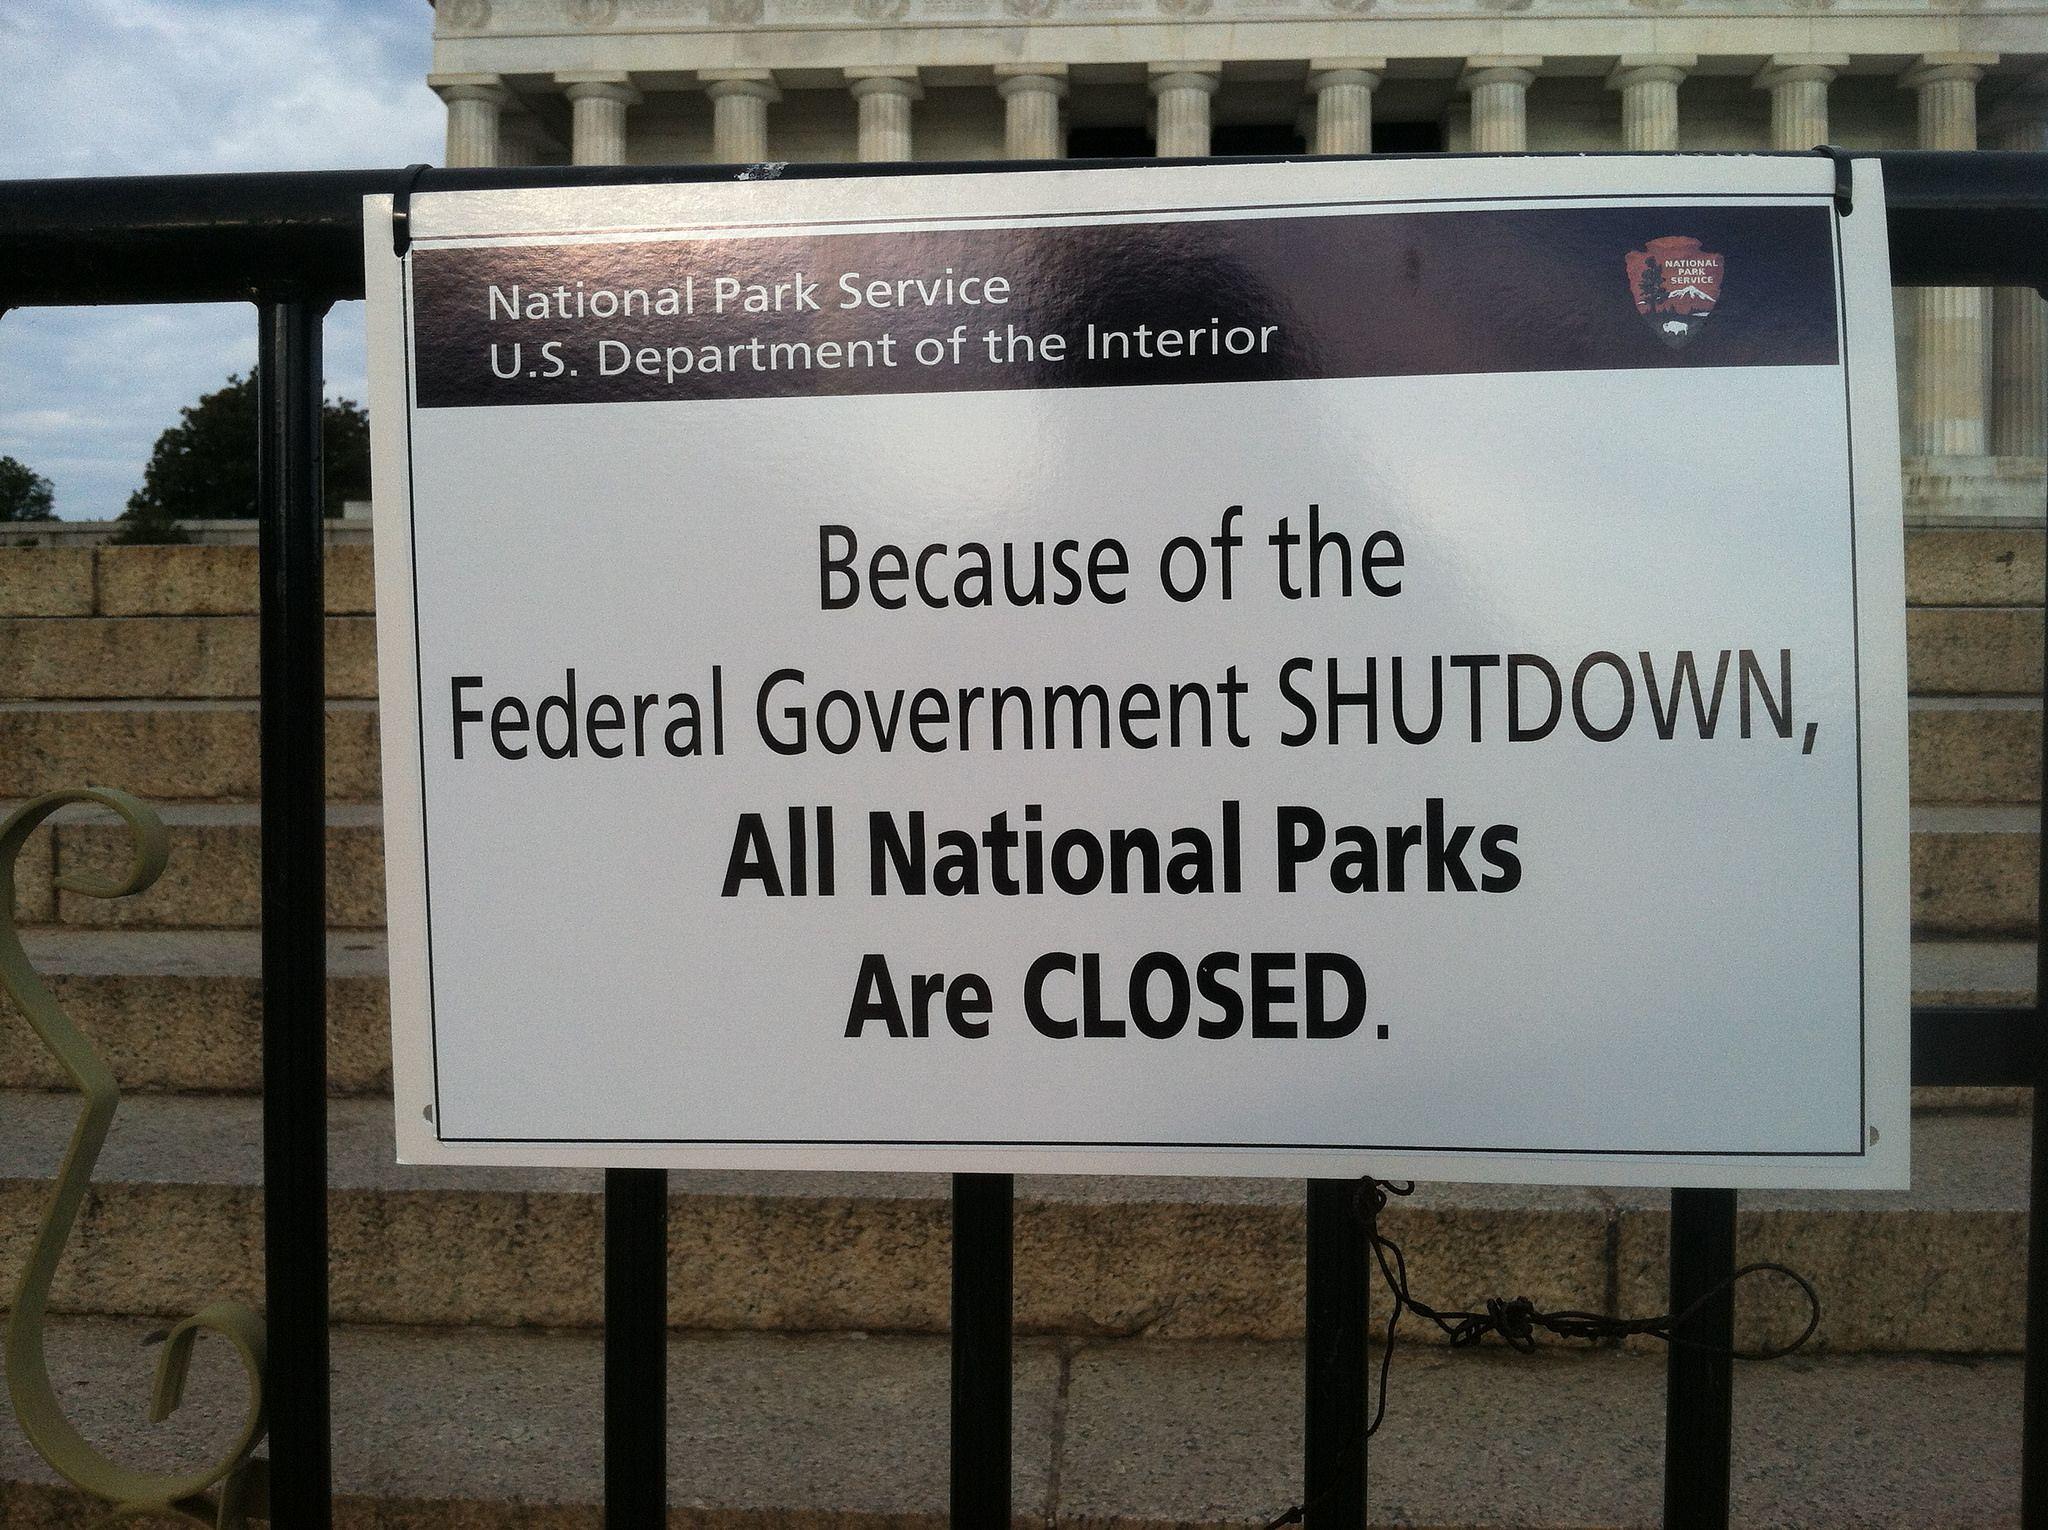 【米国】政府機関閉鎖と債務不履行へ?現状と今後について解説【8月30日の為替相場ポイント&経済指標まとめ】